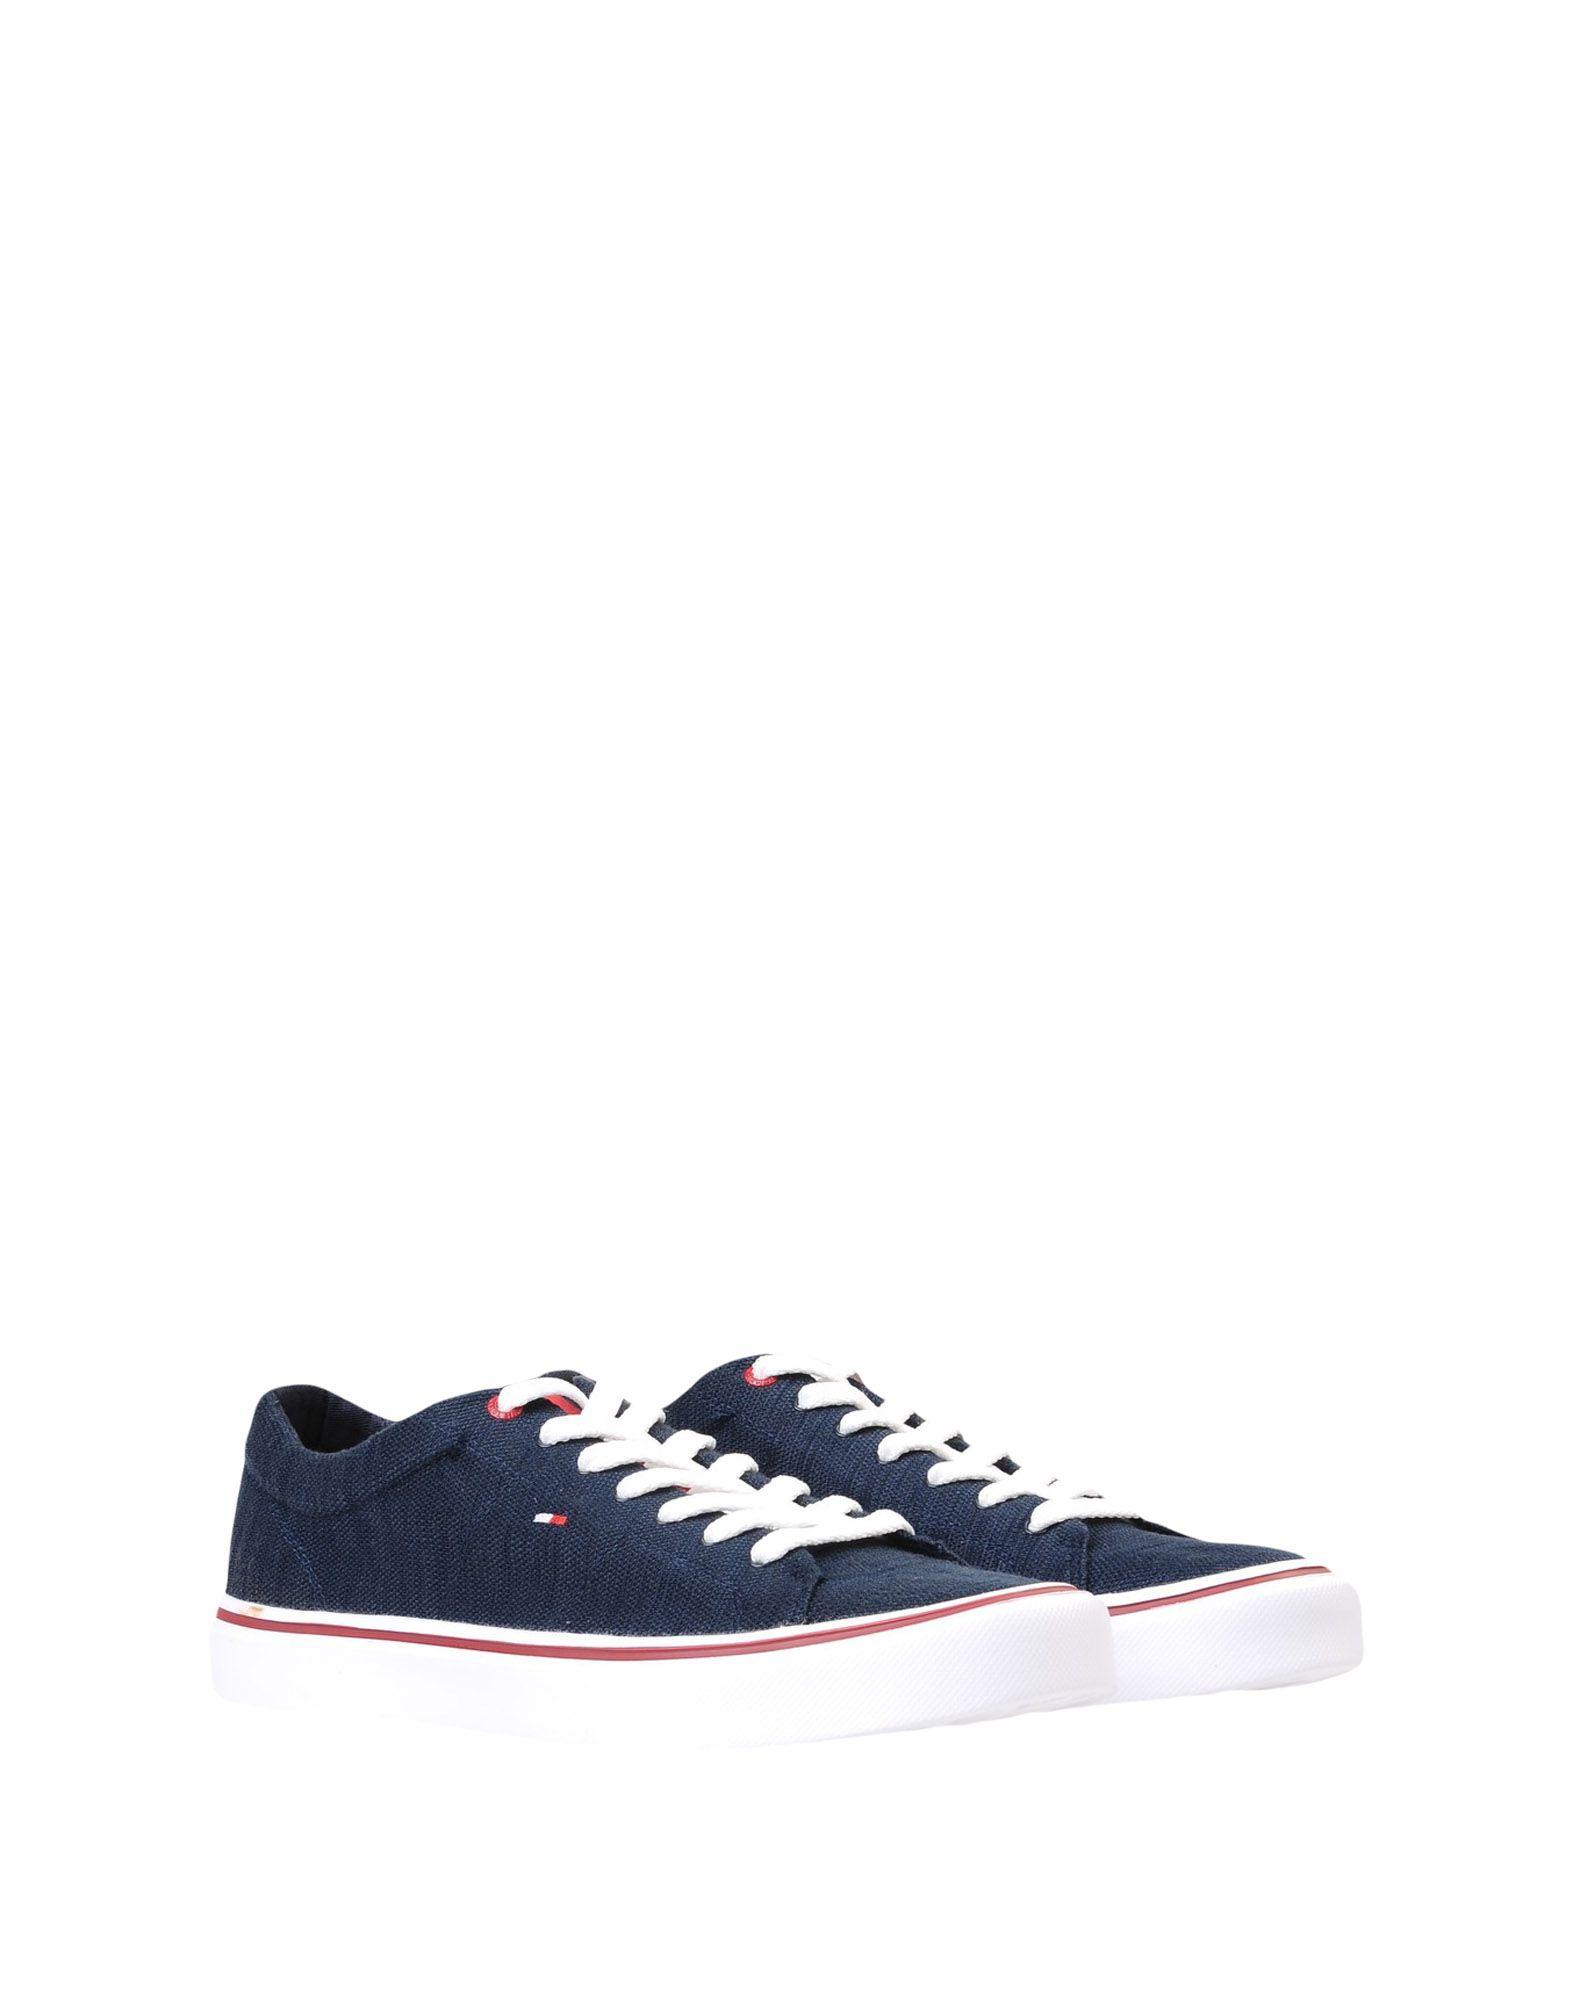 Rabatt echte Schuhe Sneaker Tommy Hilfiger Lightweight Knit Sneaker Schuhe  11457580PG 1918a4